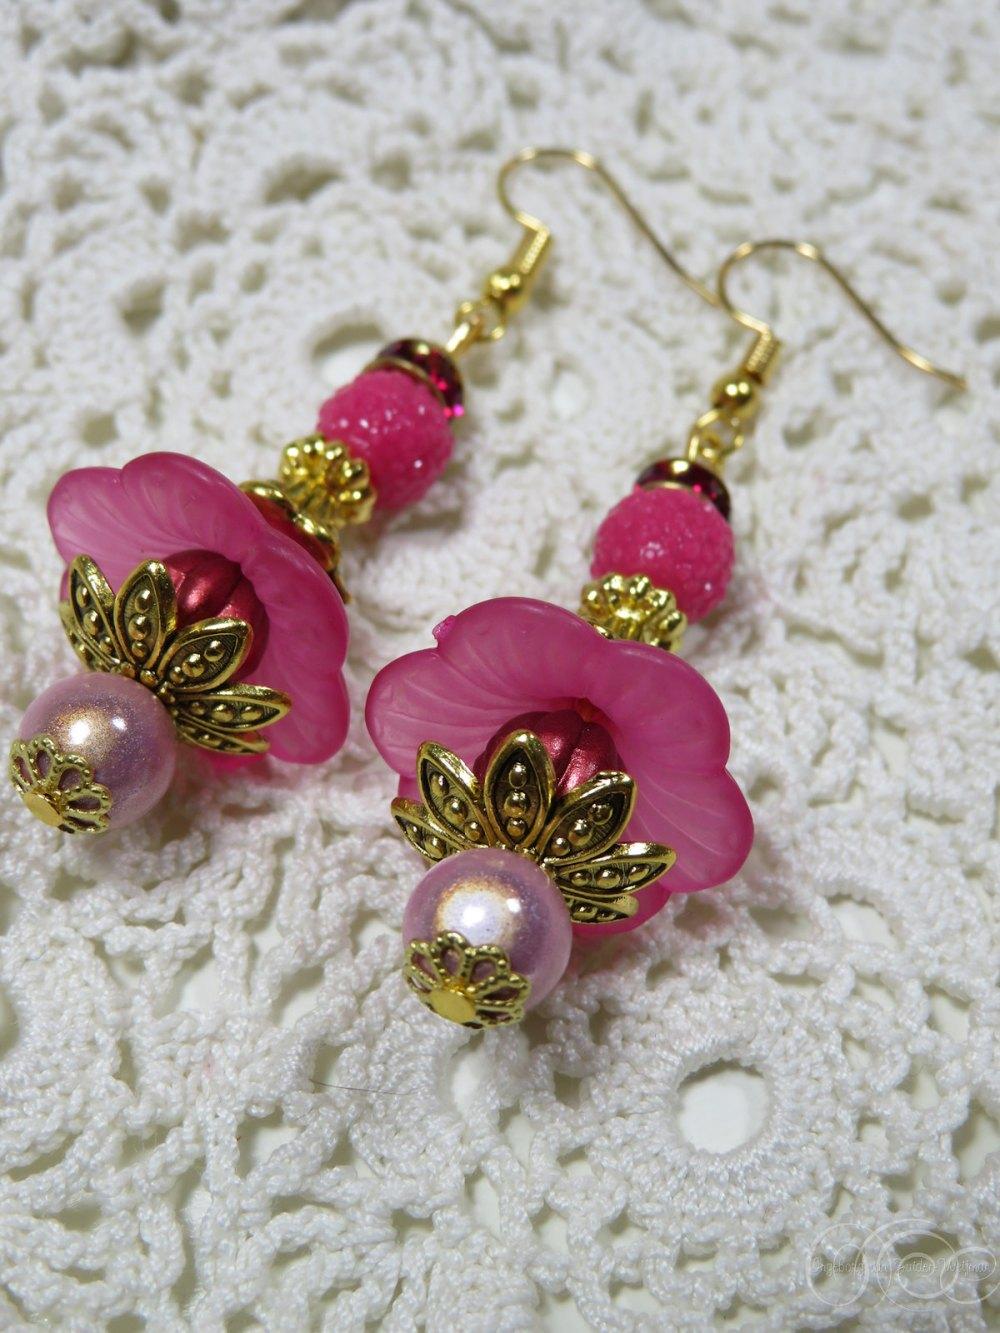 Handmade flower earrings by Ingeborg van Zuiden